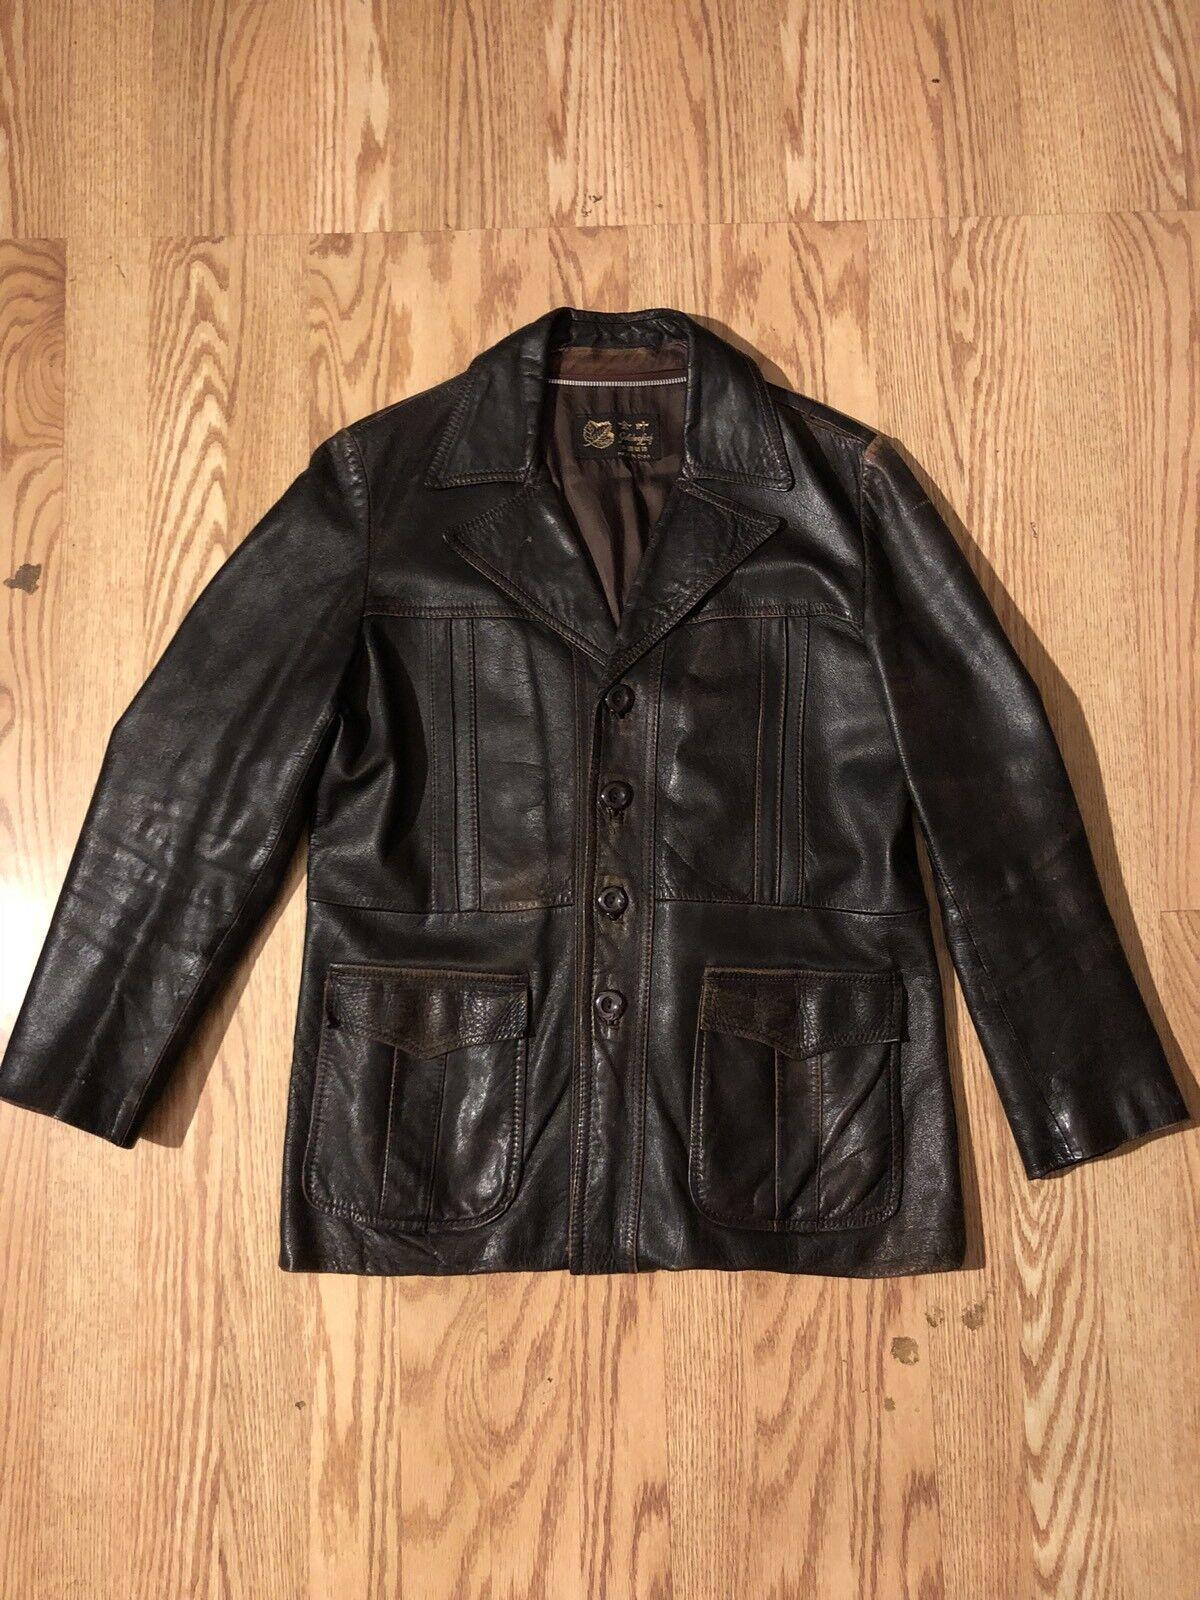 07aee4815a7f Golden Leaf Vintage Vintage Vintage braun Leather Jacket 900a13 ...